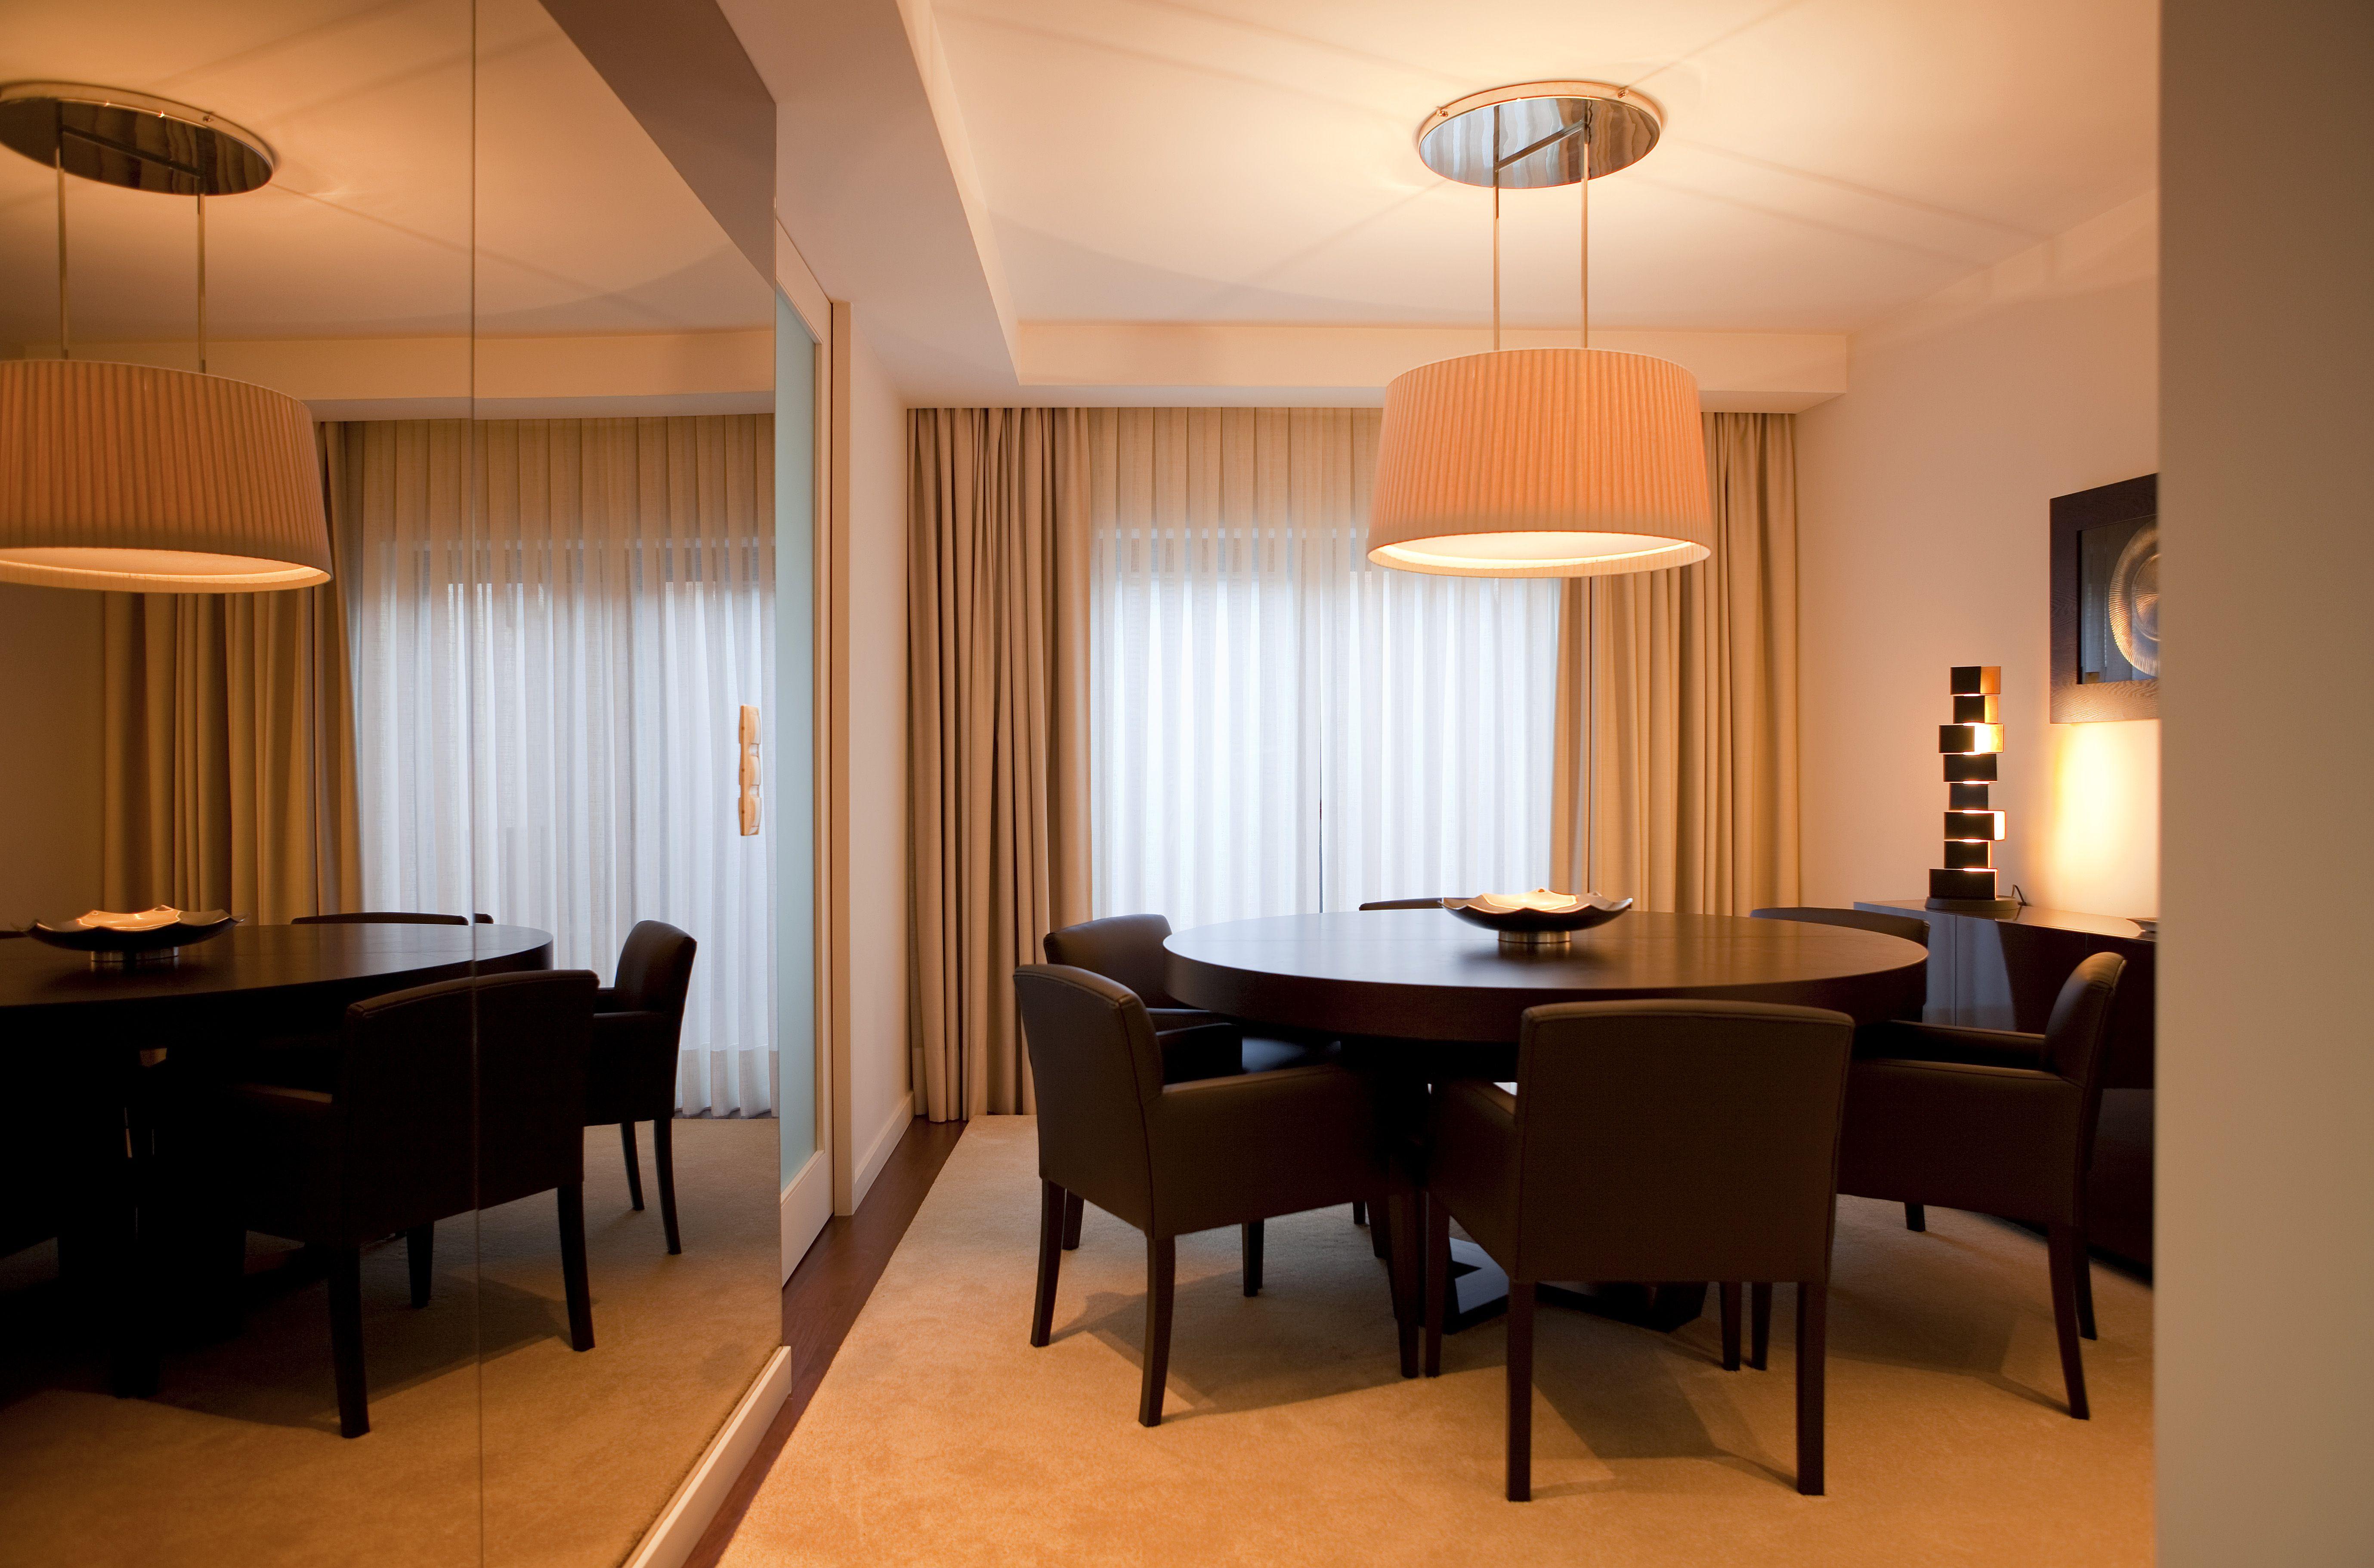 Sala de jantar com revestimento a espelho bronze.